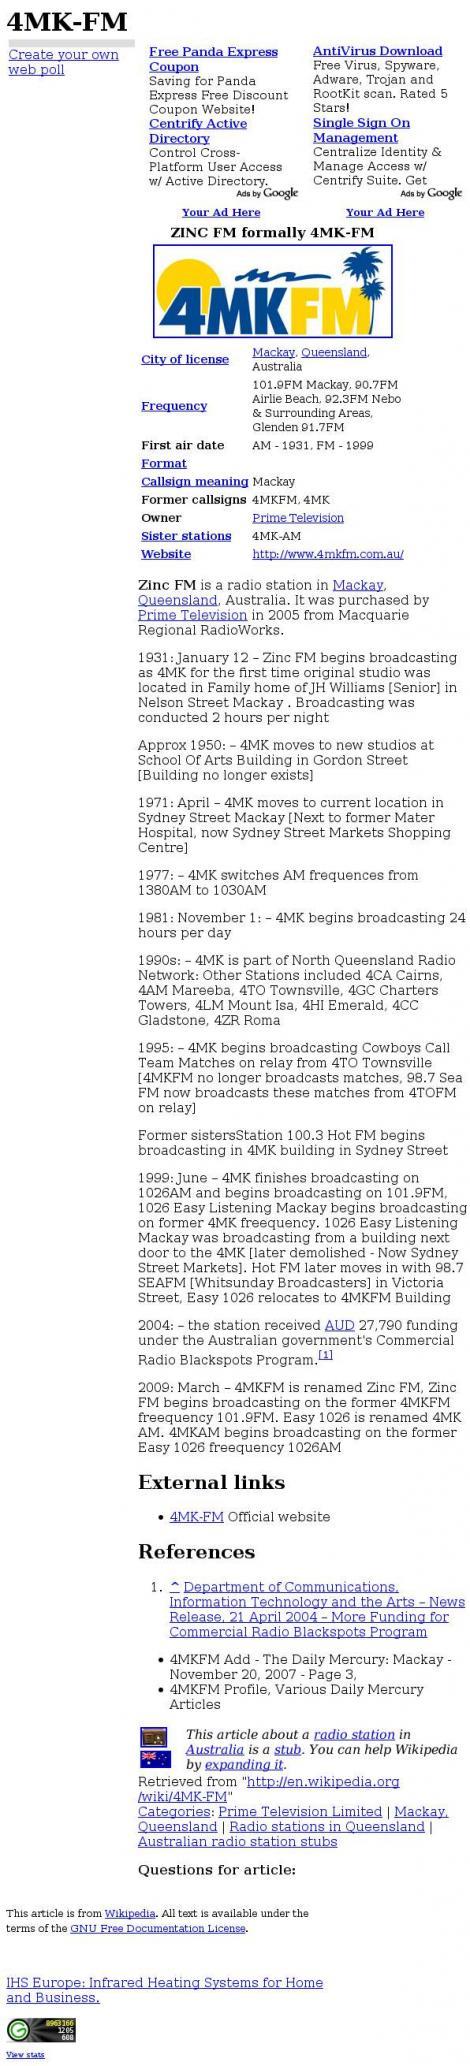 4mk Fm Hot Fm • Mackay • Queensland •